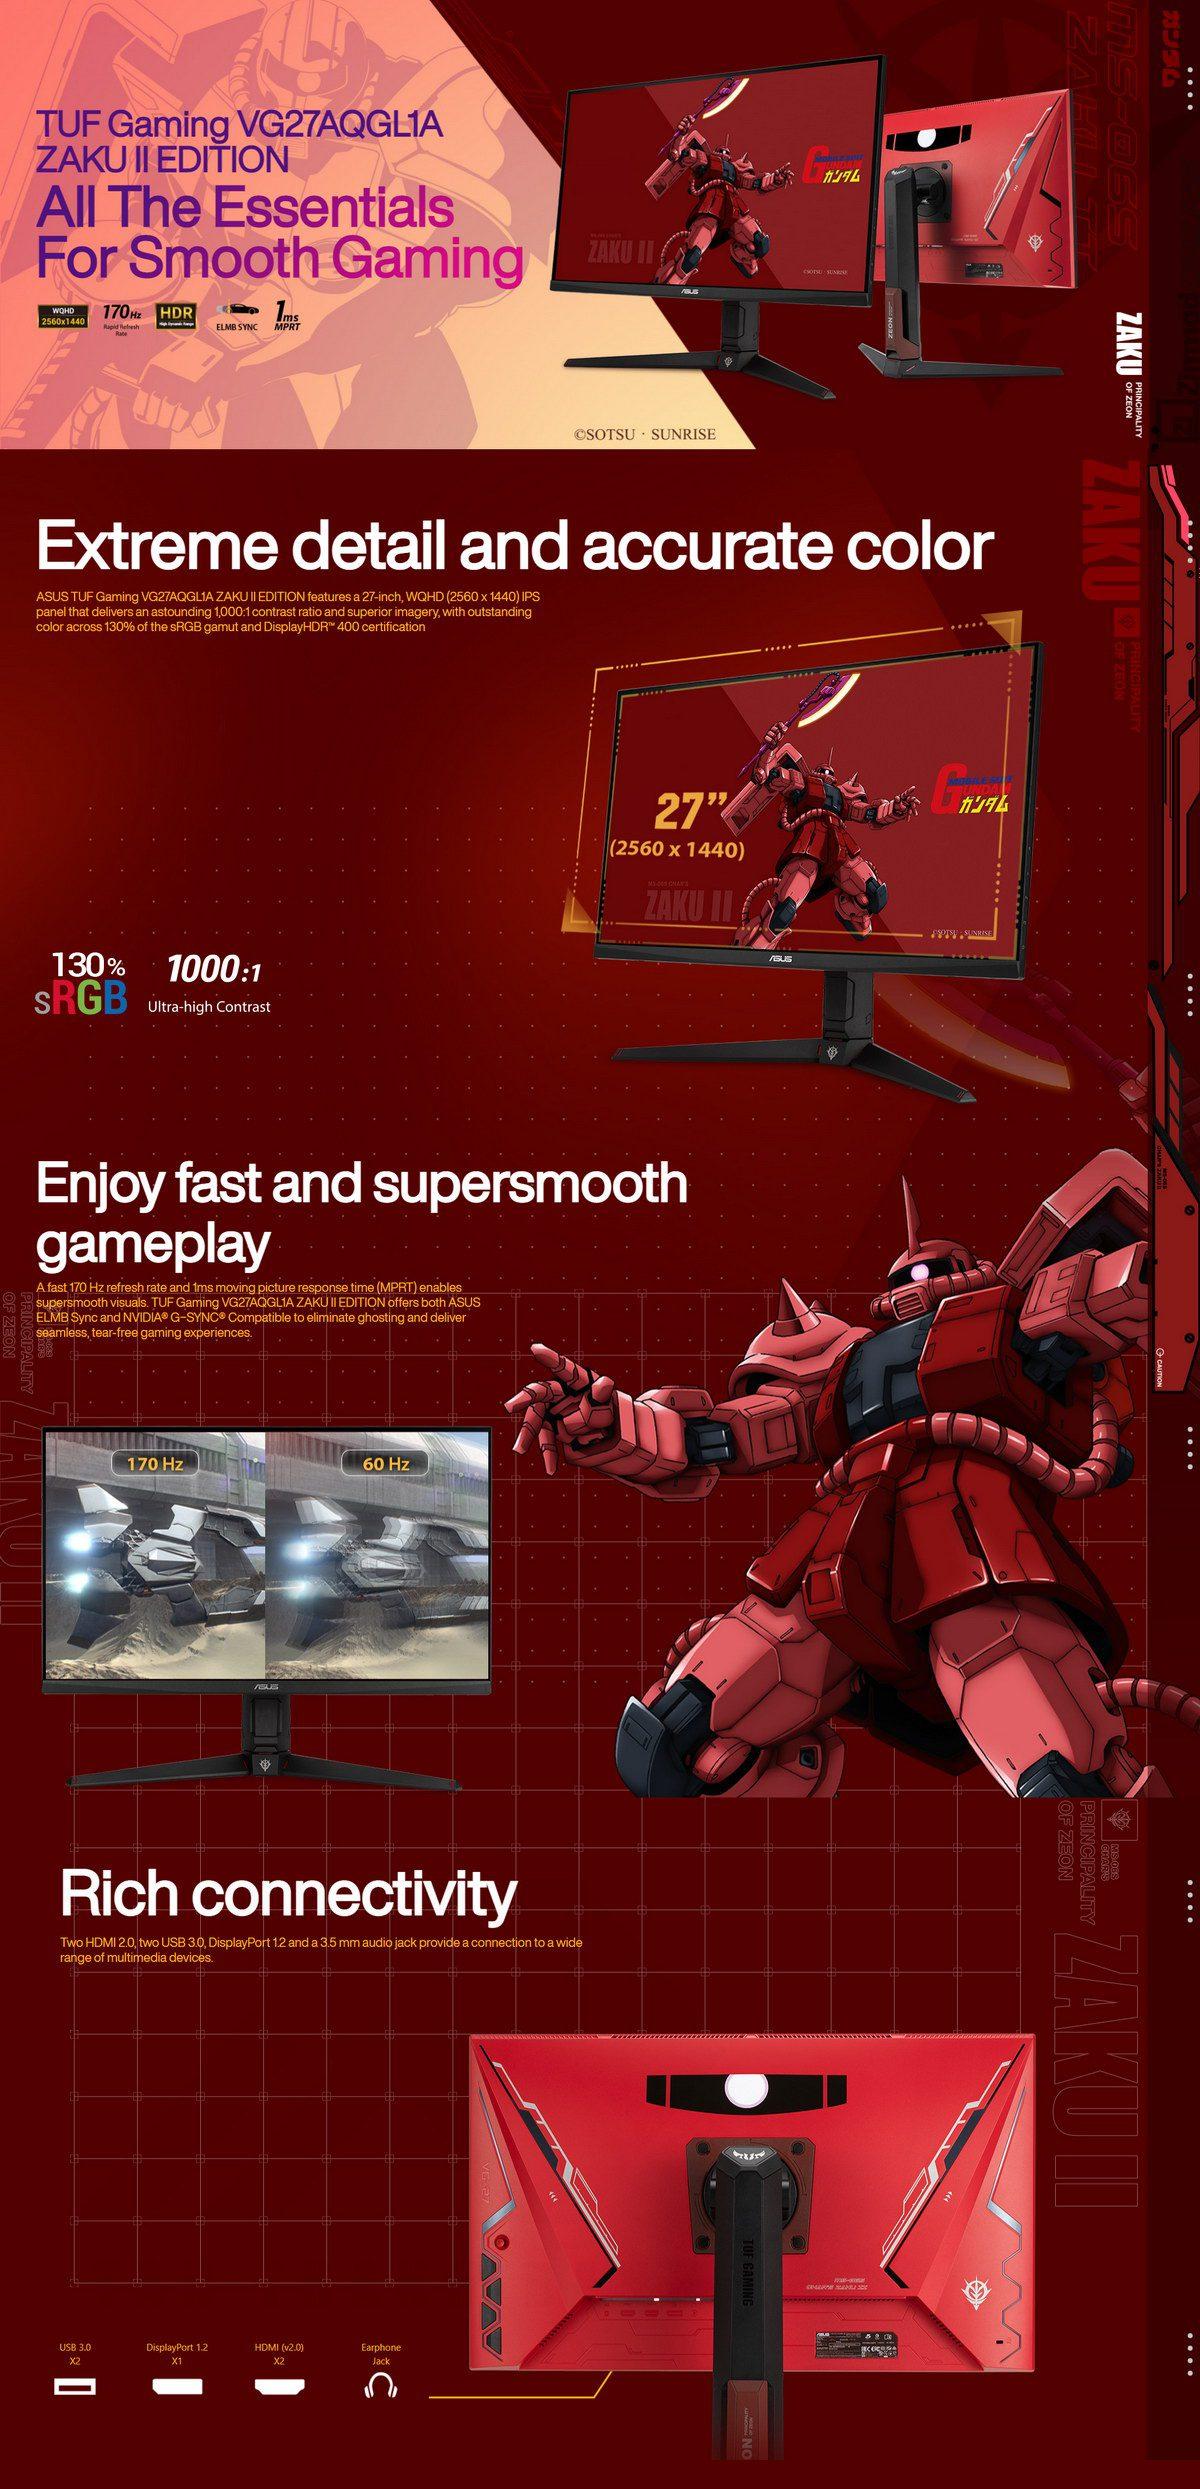 ASUS TUF Gaming VG27AQGL1A GUNDAM ZAKU II EDITION Monitor Featured